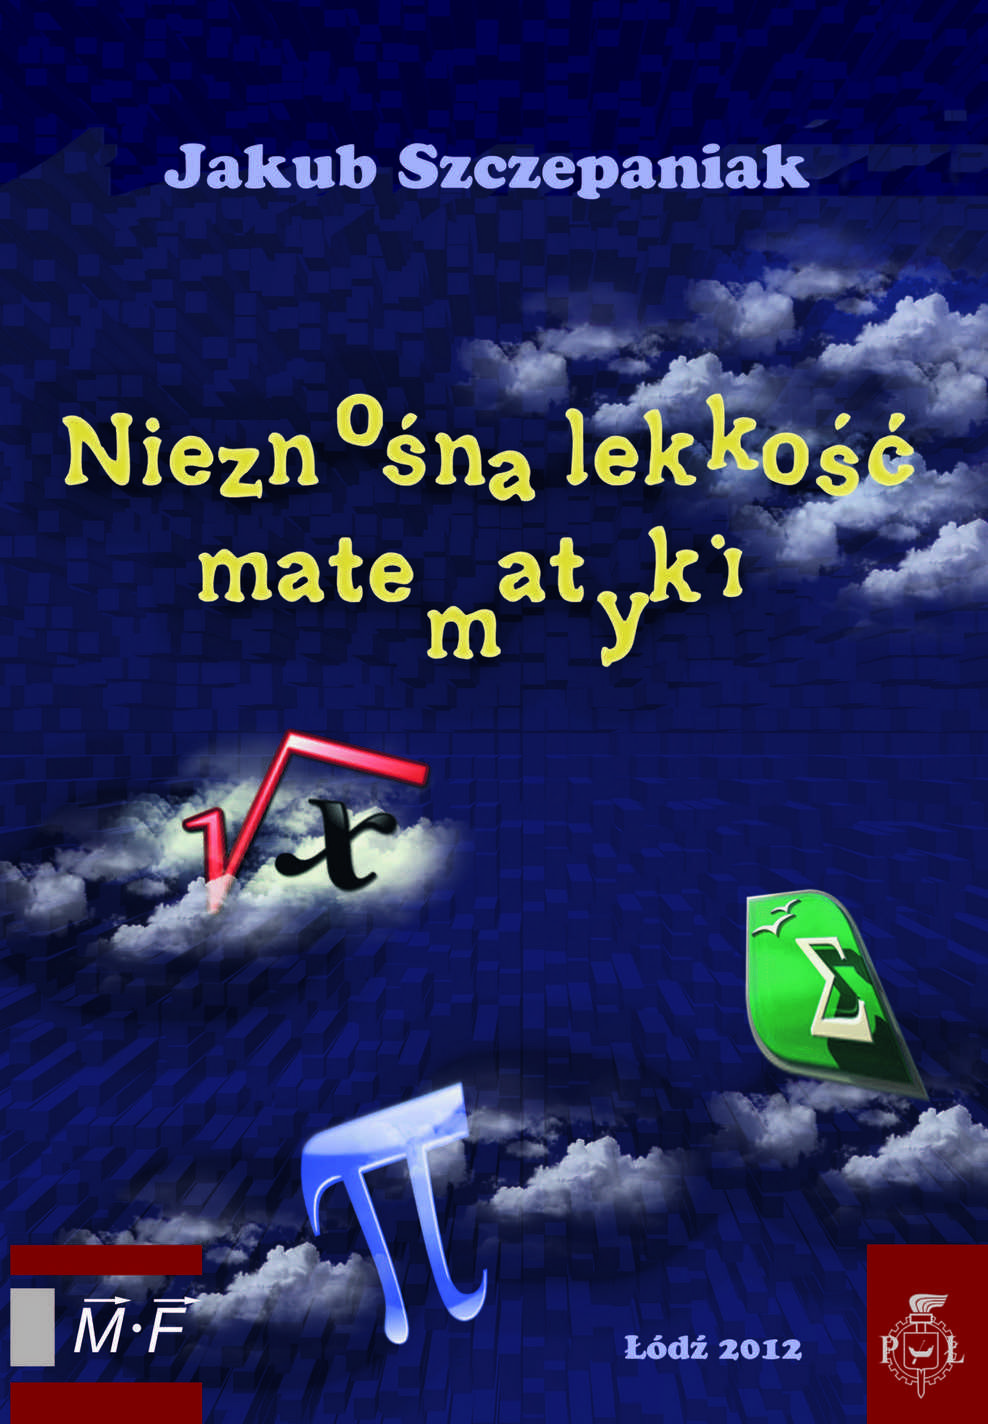 ZESTAW: Trzy książki z matematyki J.Szczepaniaka w komplecie